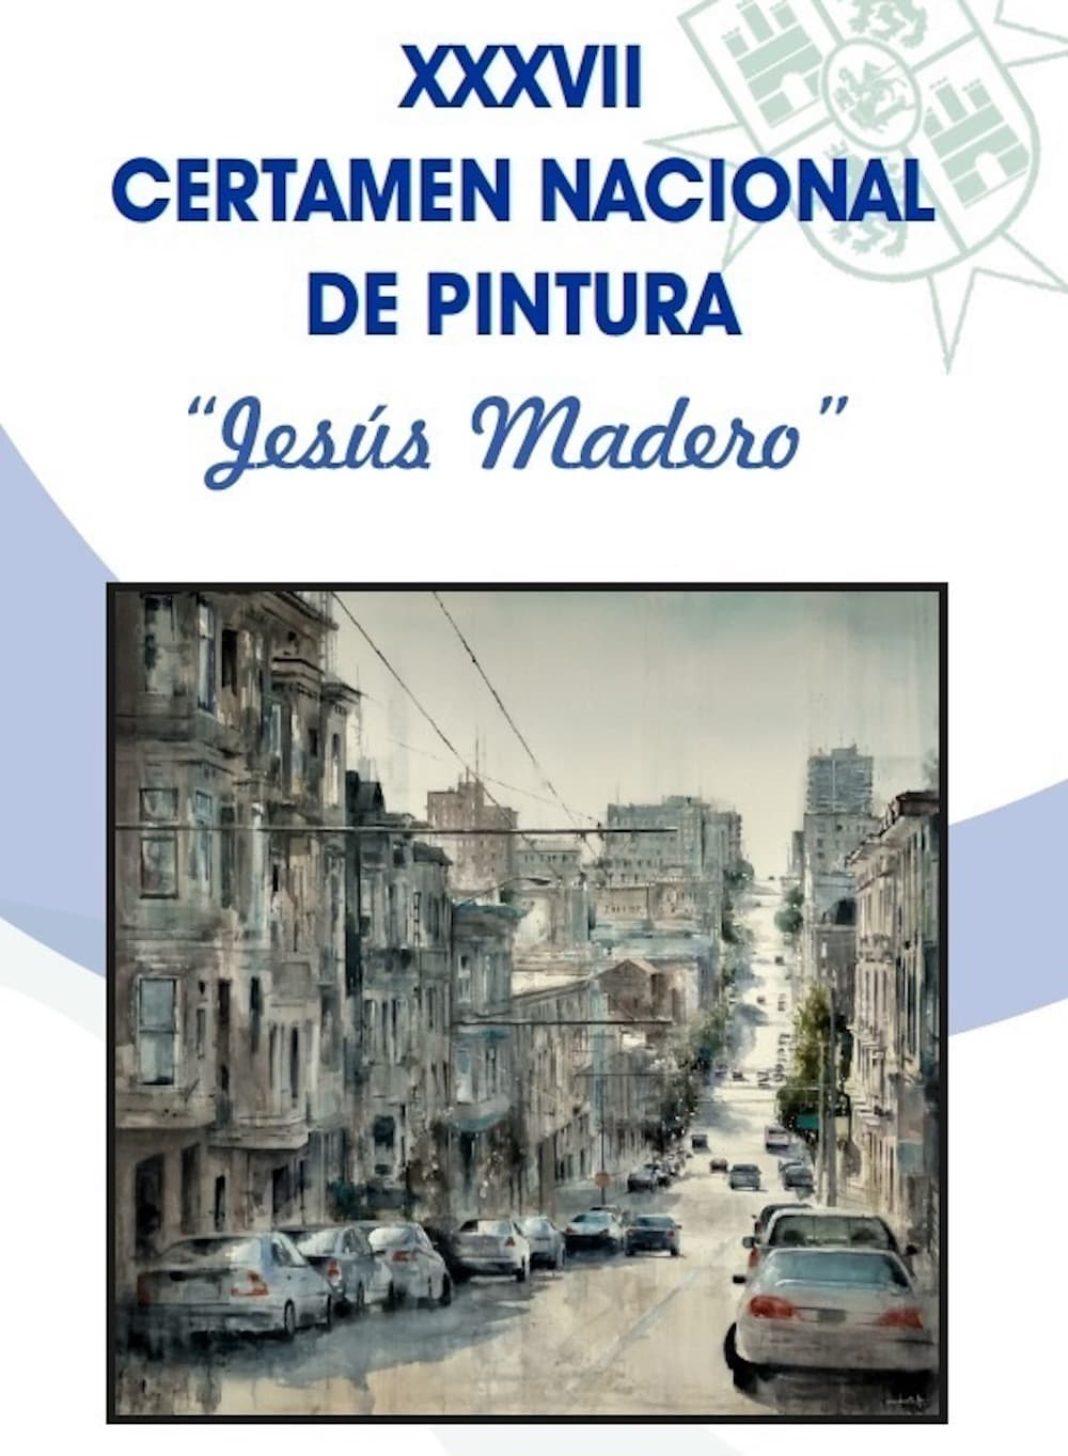 """Convocado el XXXVII Certamen Nacional de Pintura """"Jesús Madero"""" 7"""